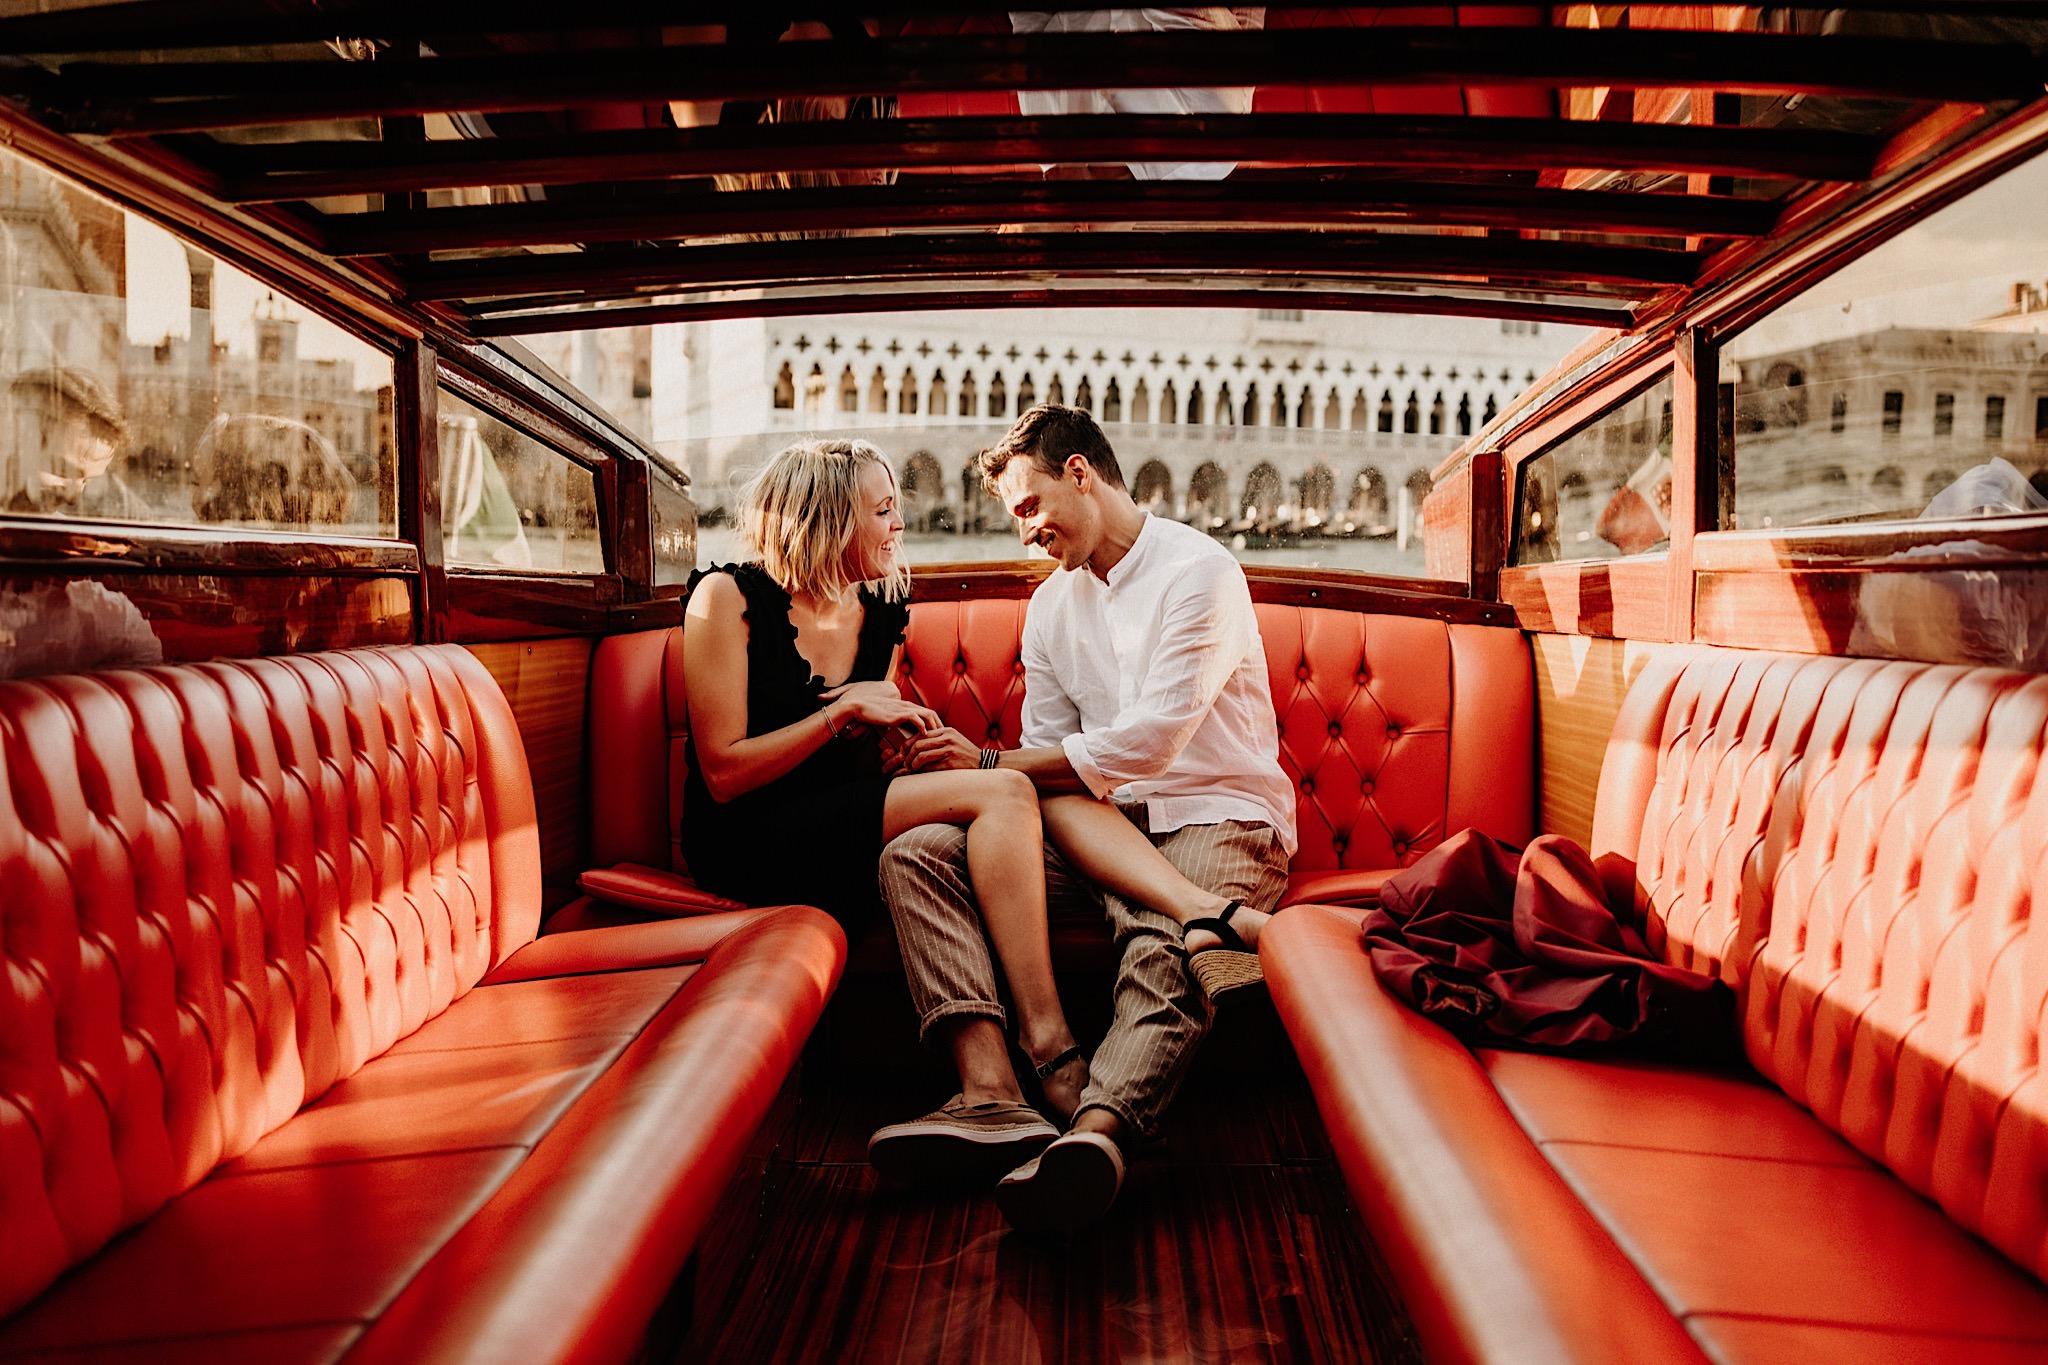 25_venezia_tramonto_matrimonio_proposta